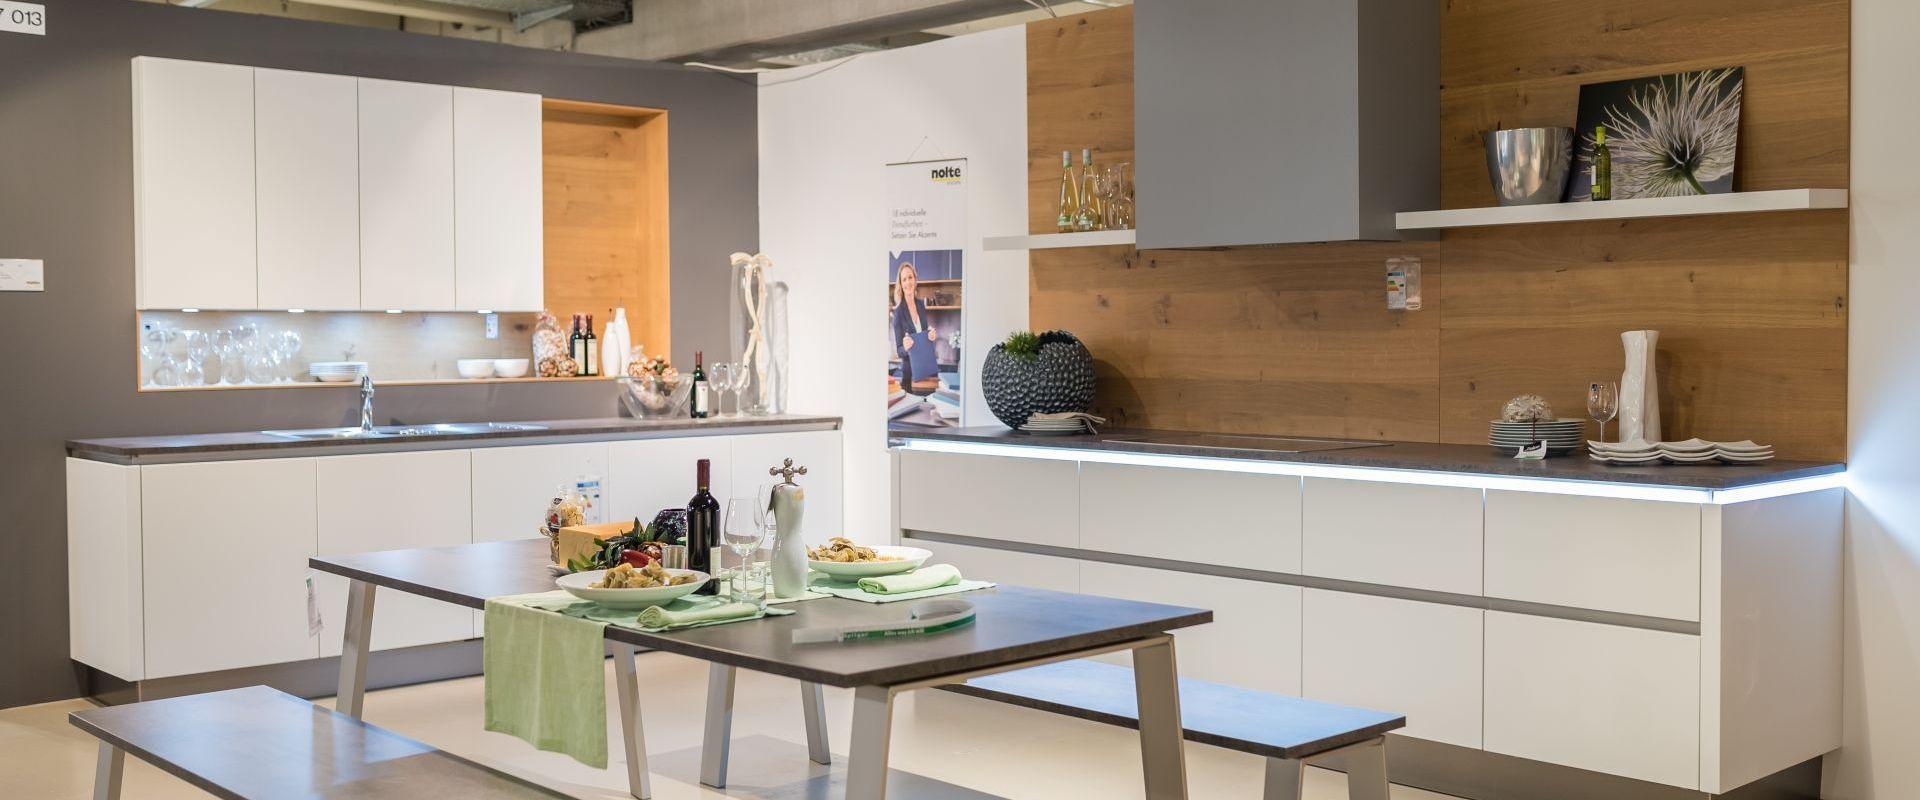 Full Size of Küchen Kche Kaufen Bei Spilger Spilgerde Regal Wohnzimmer Küchen